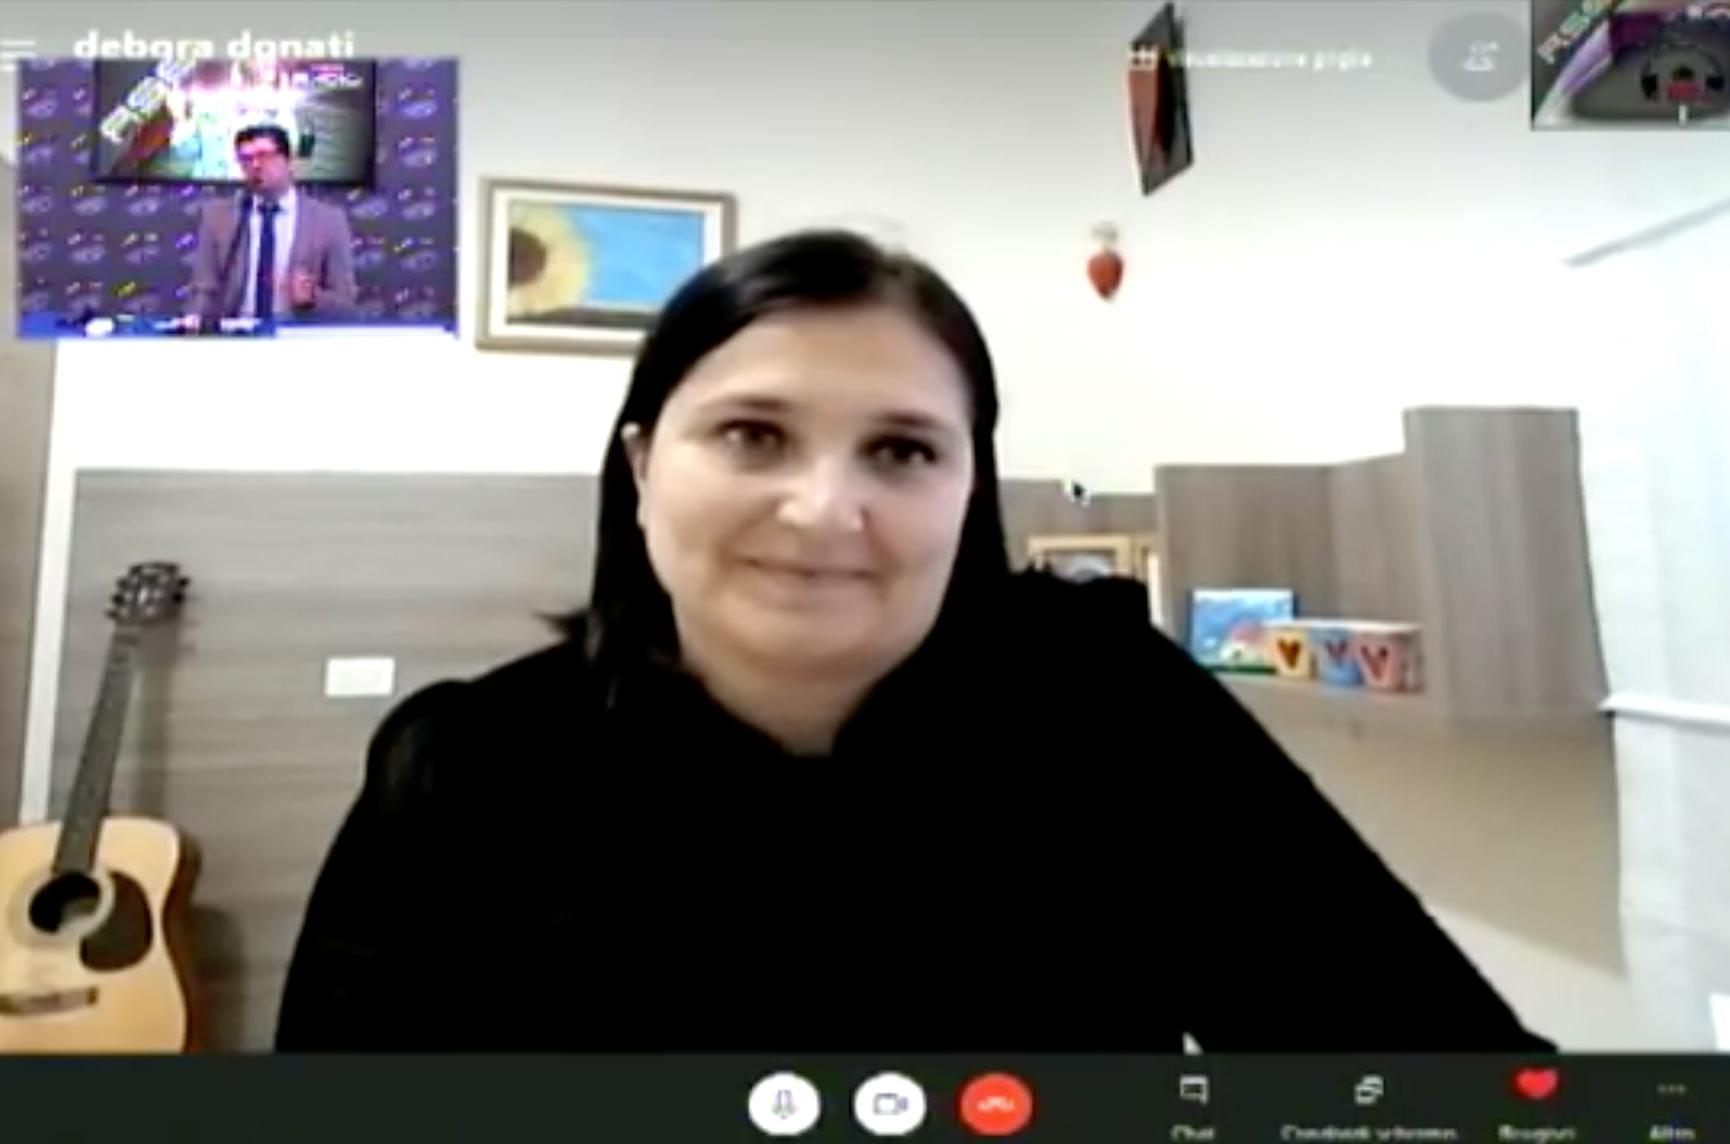 RSE Radio Web intervista Debora Donati, Presidentessa di Insieme a Te.